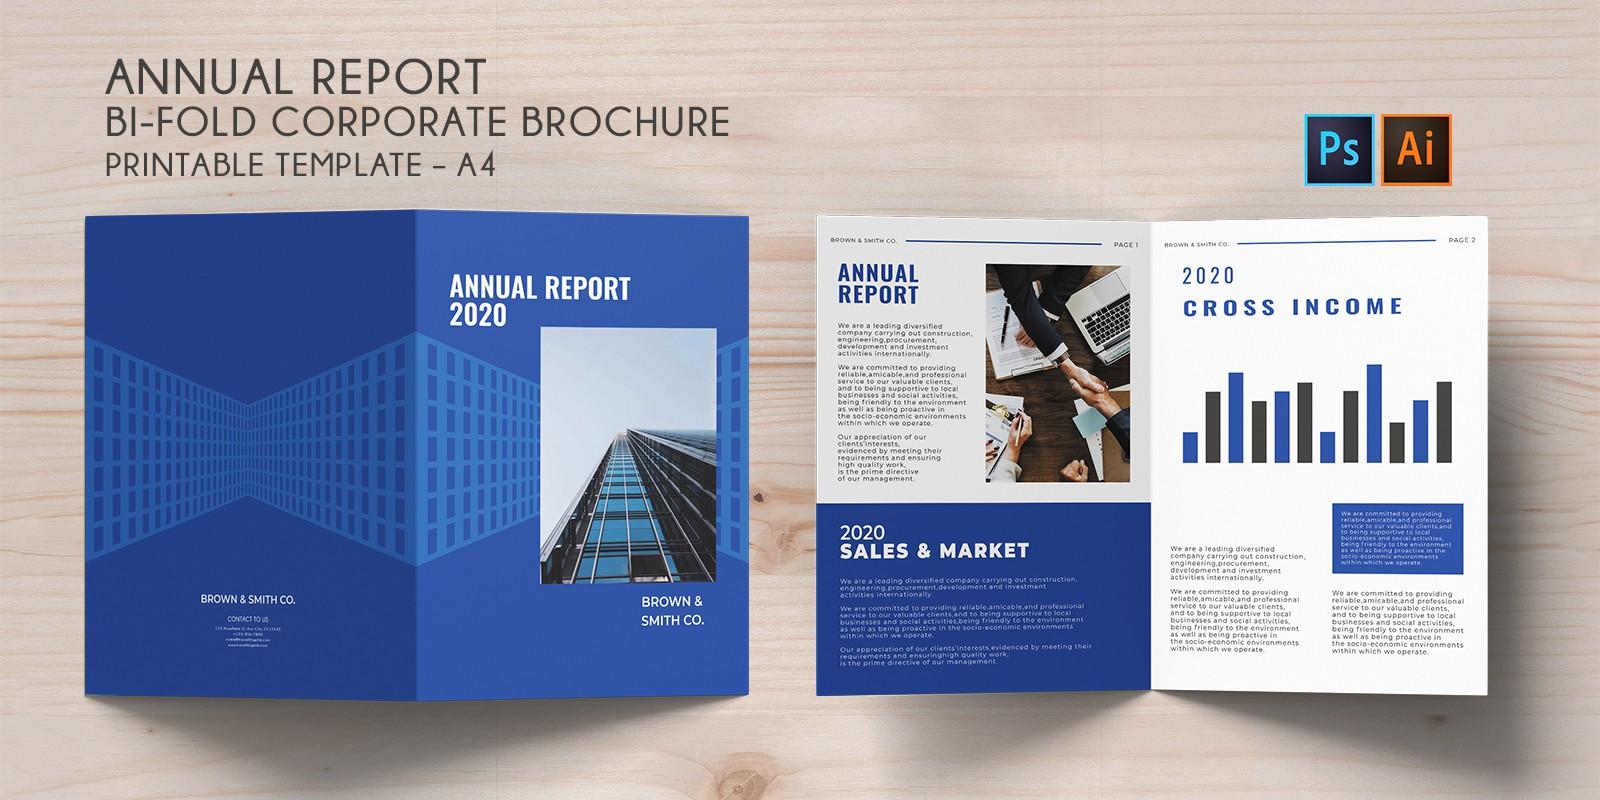 Bi-Fold Corporate Brochure Annual Report - A4